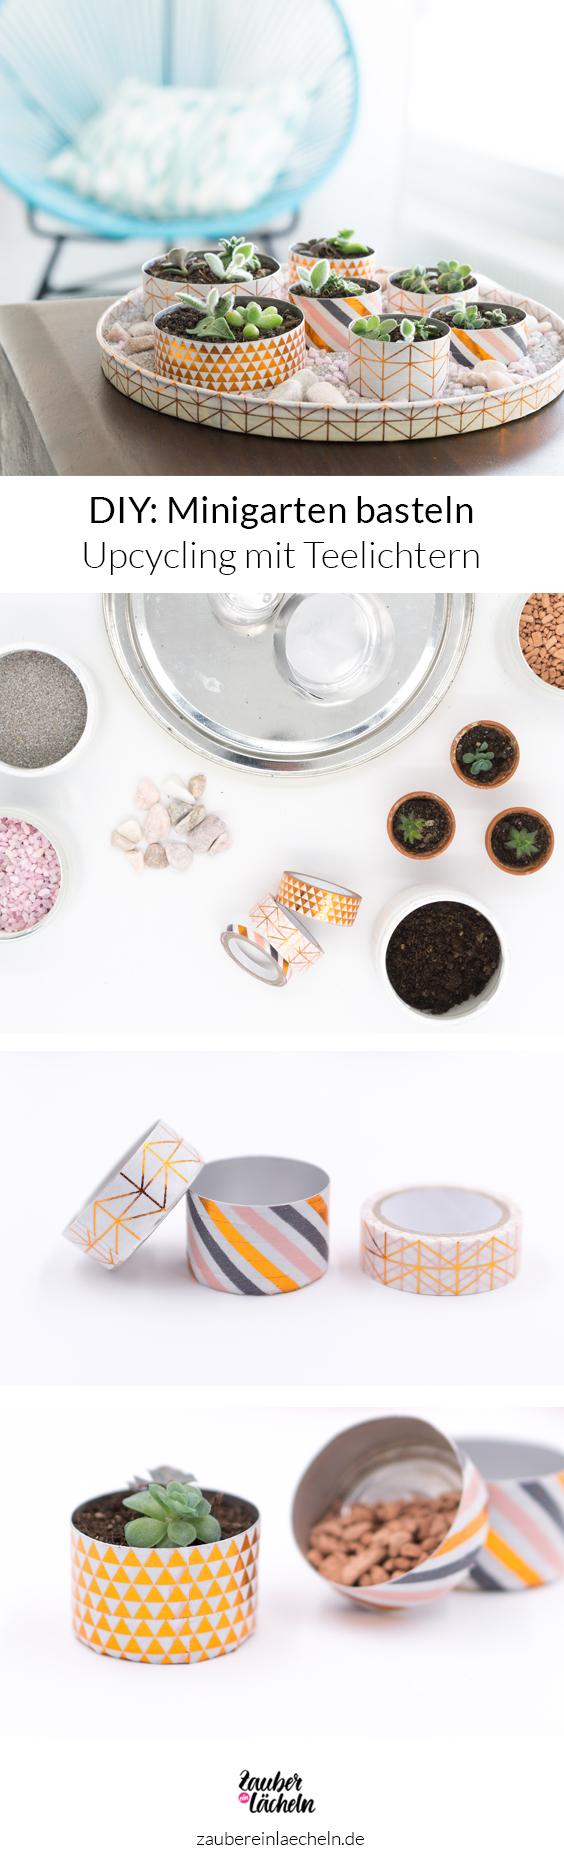 DIY-Idee: Minigarten basteln mit Teelichtern mit Schritt für Schritt Anleitung. Einfaches Upcycling Projekt mit Teelichtern und Washi Tapes mit Bildern erklärt. Ein toller Minigarten für winzig kleine Sukkulenten zum Verlieben.